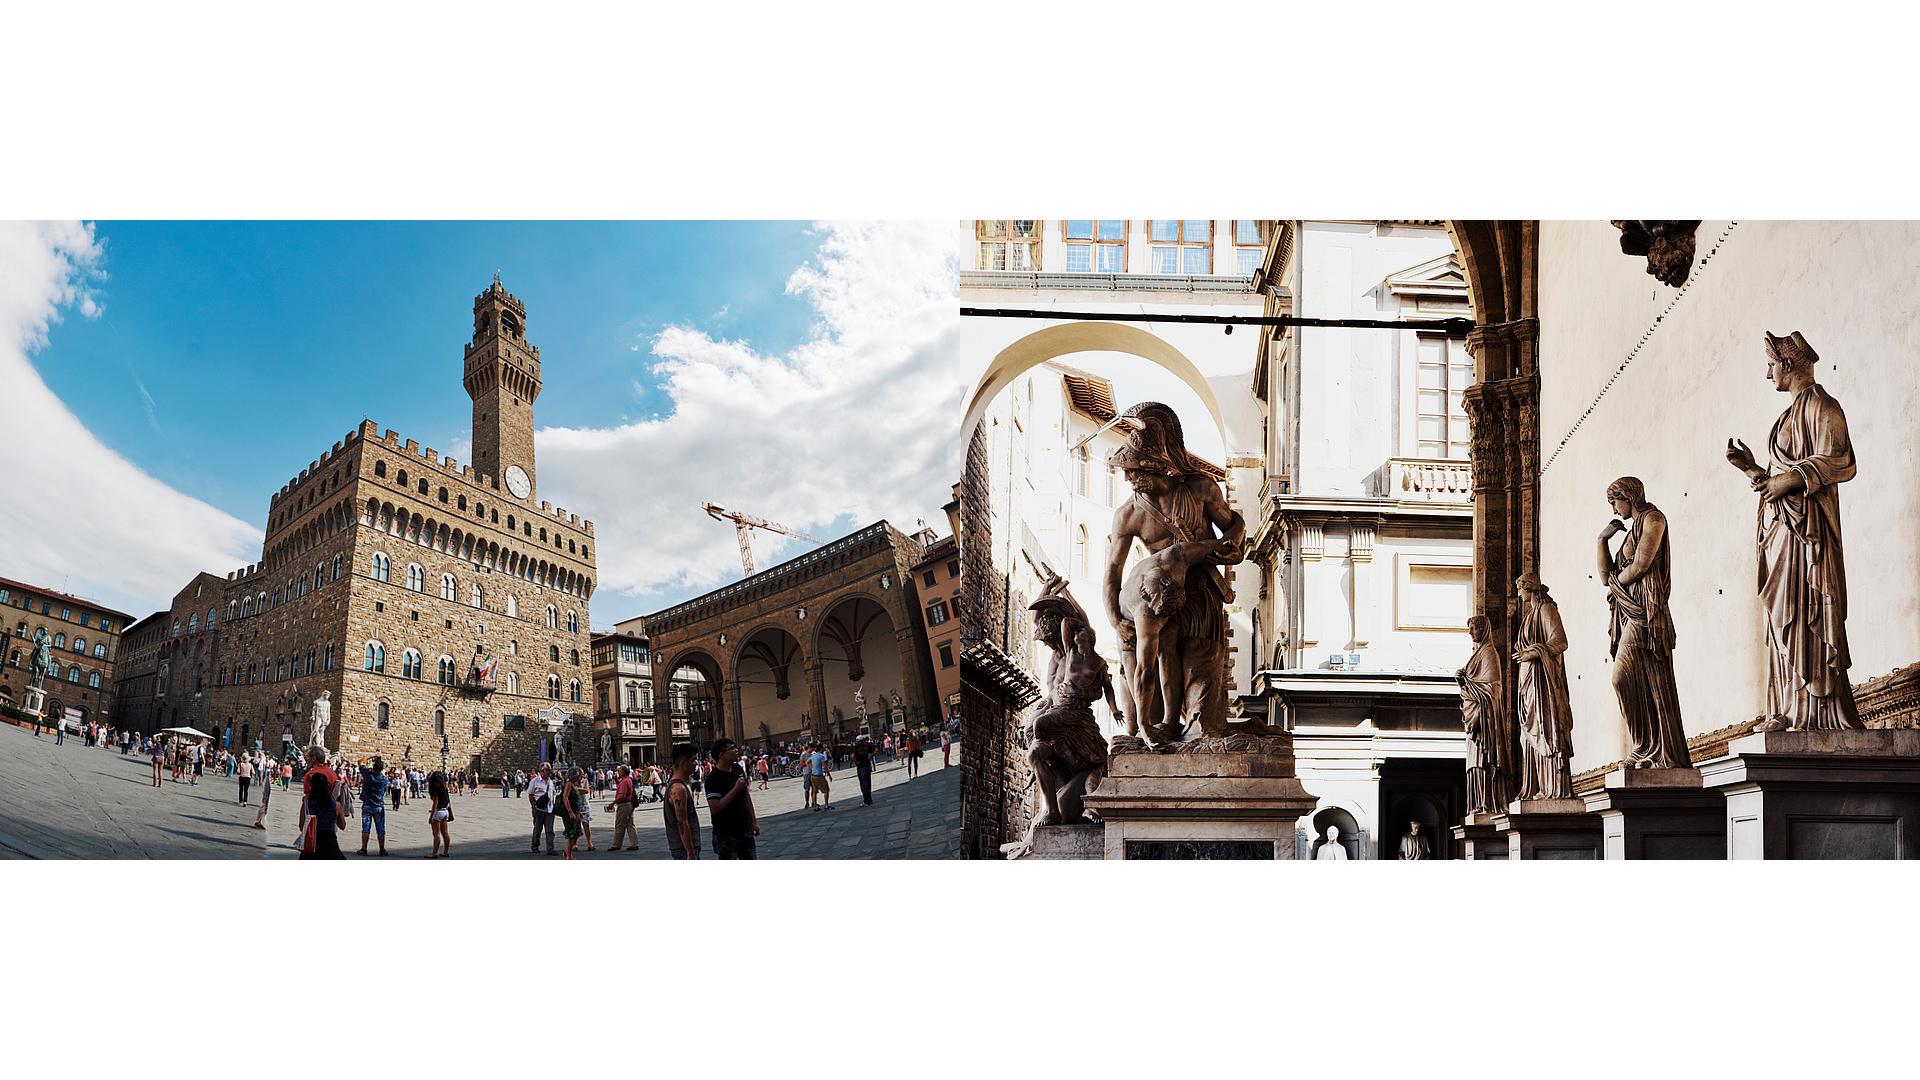 Piazza de la Signoria - Florencia - José Álvarez Fotografía